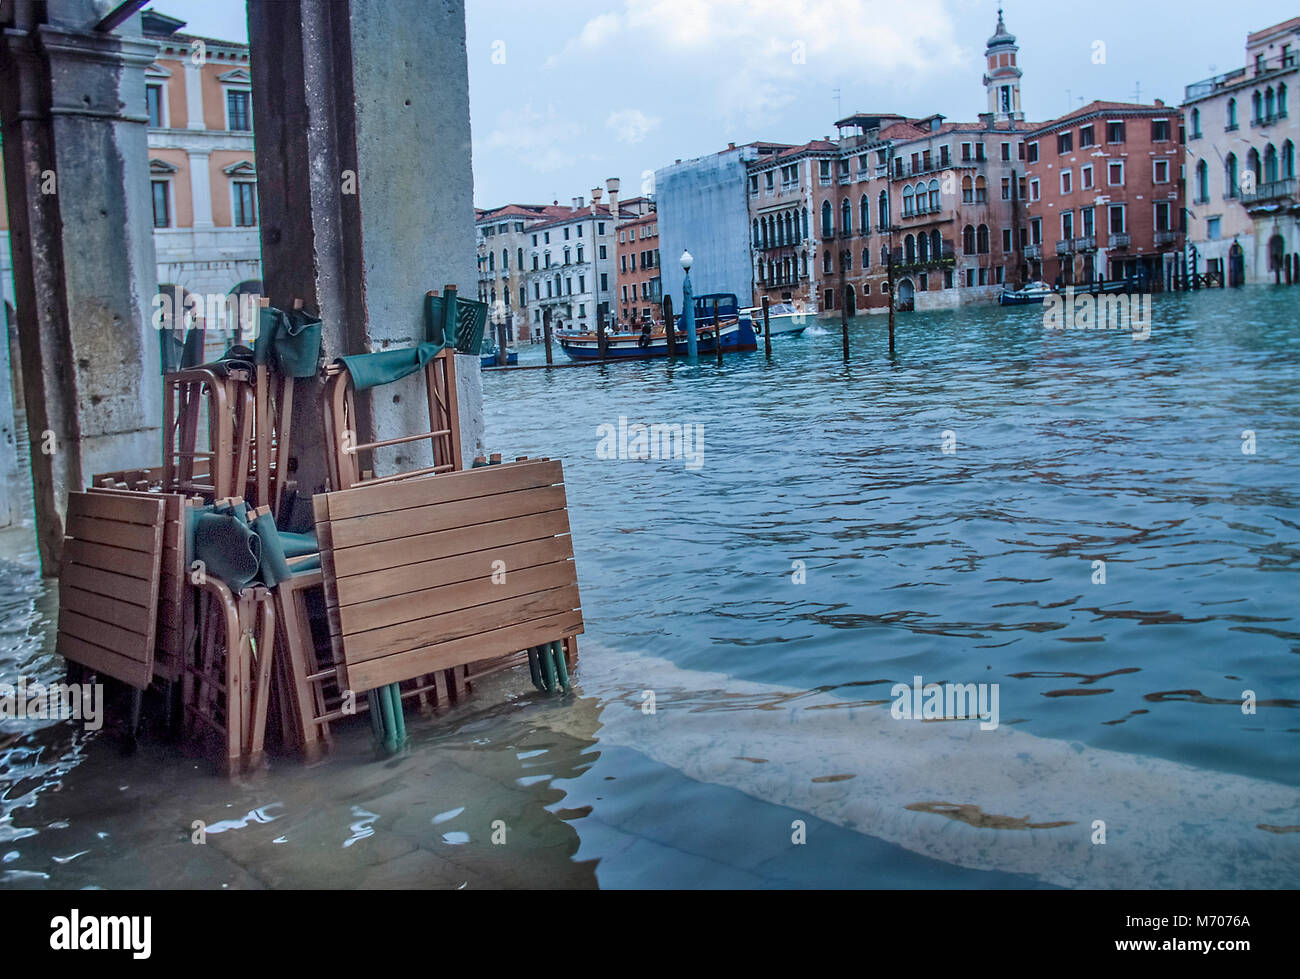 Acqua Alta,Grand Canal,Venice - Stock Image